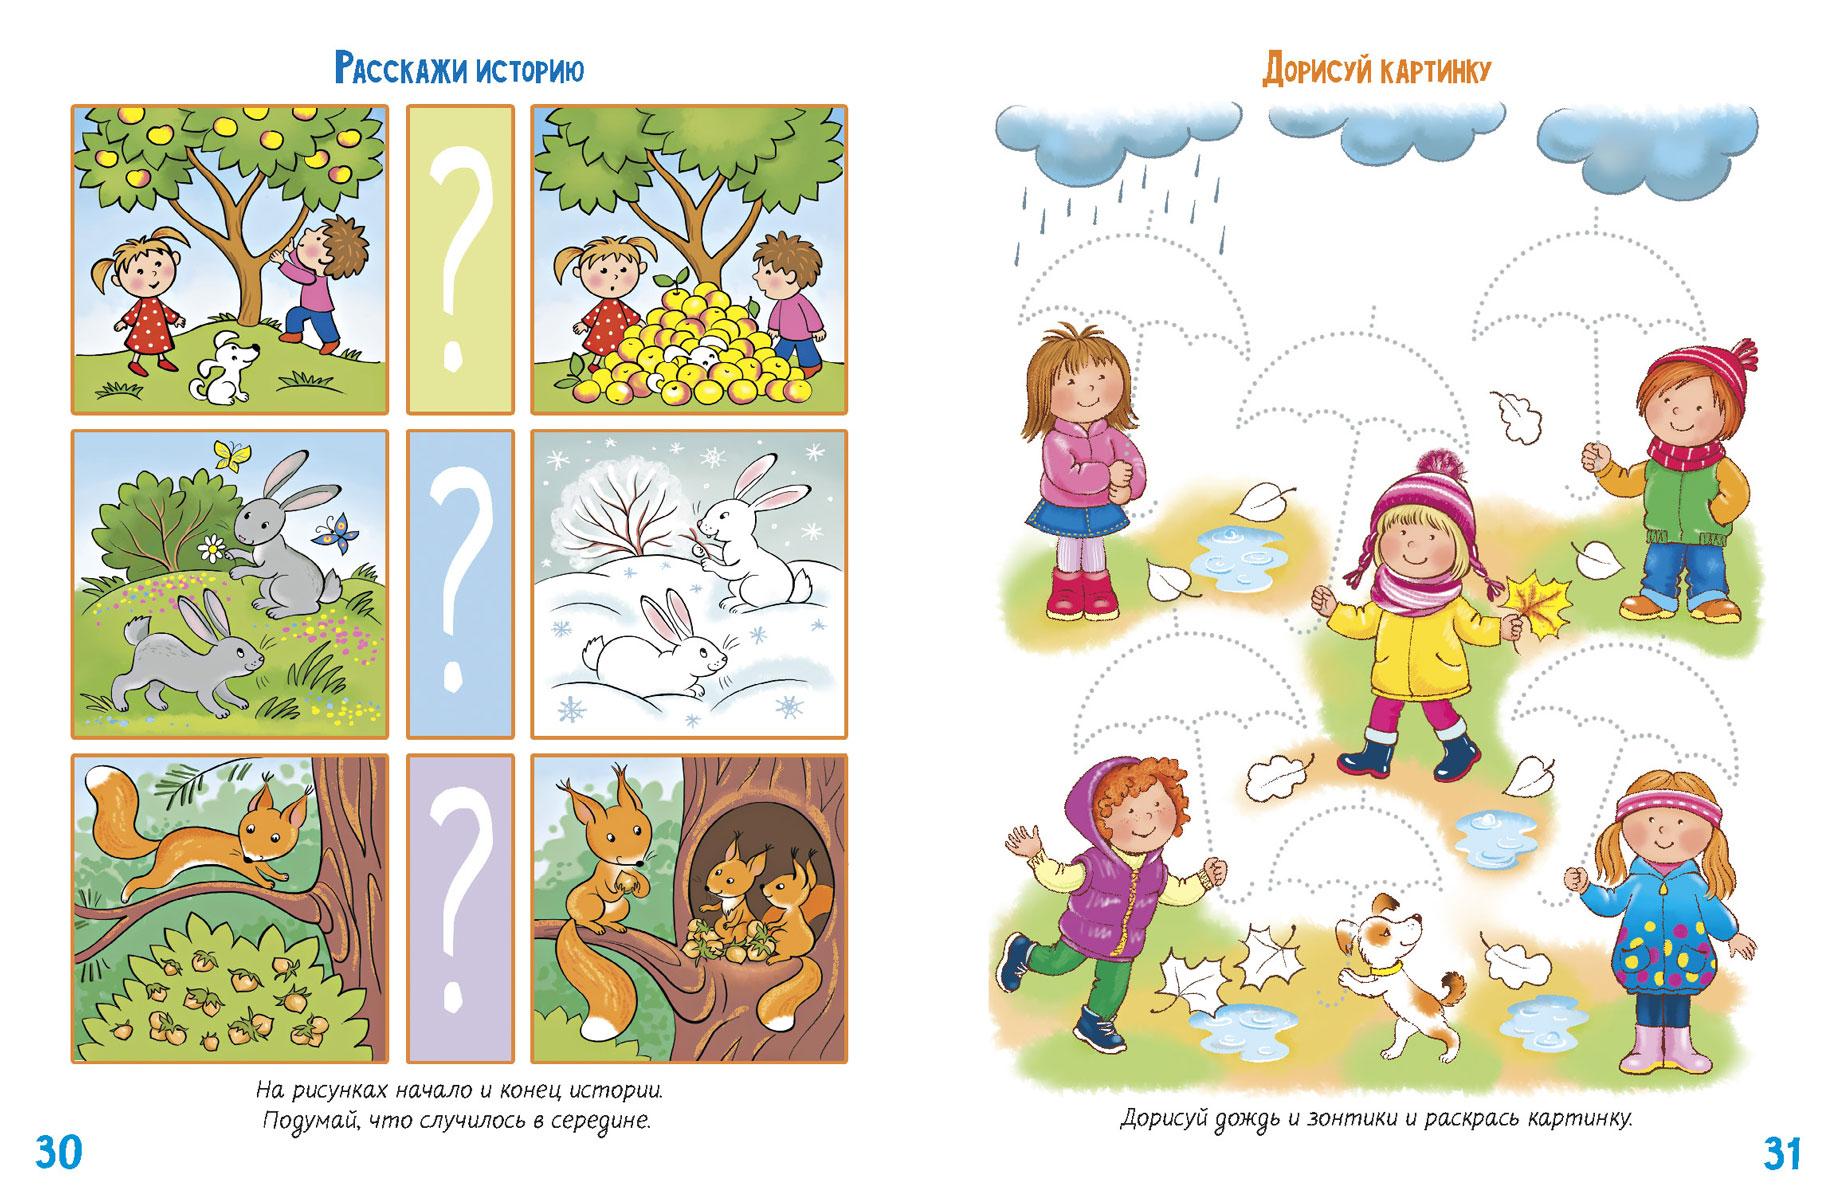 Раскладушка, картинки разных времен года для детей